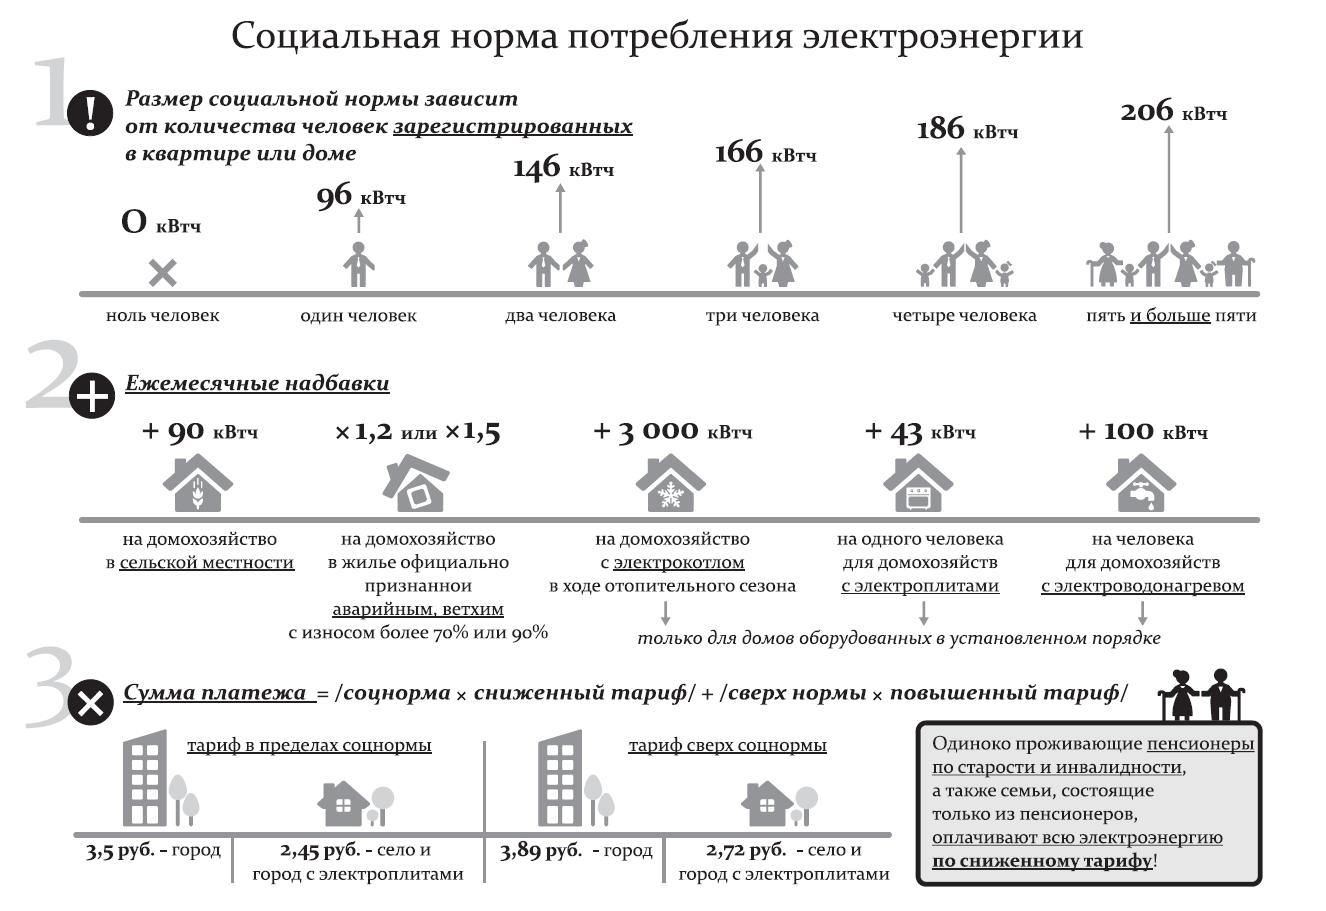 Что такое норматив потребления электрической энергии